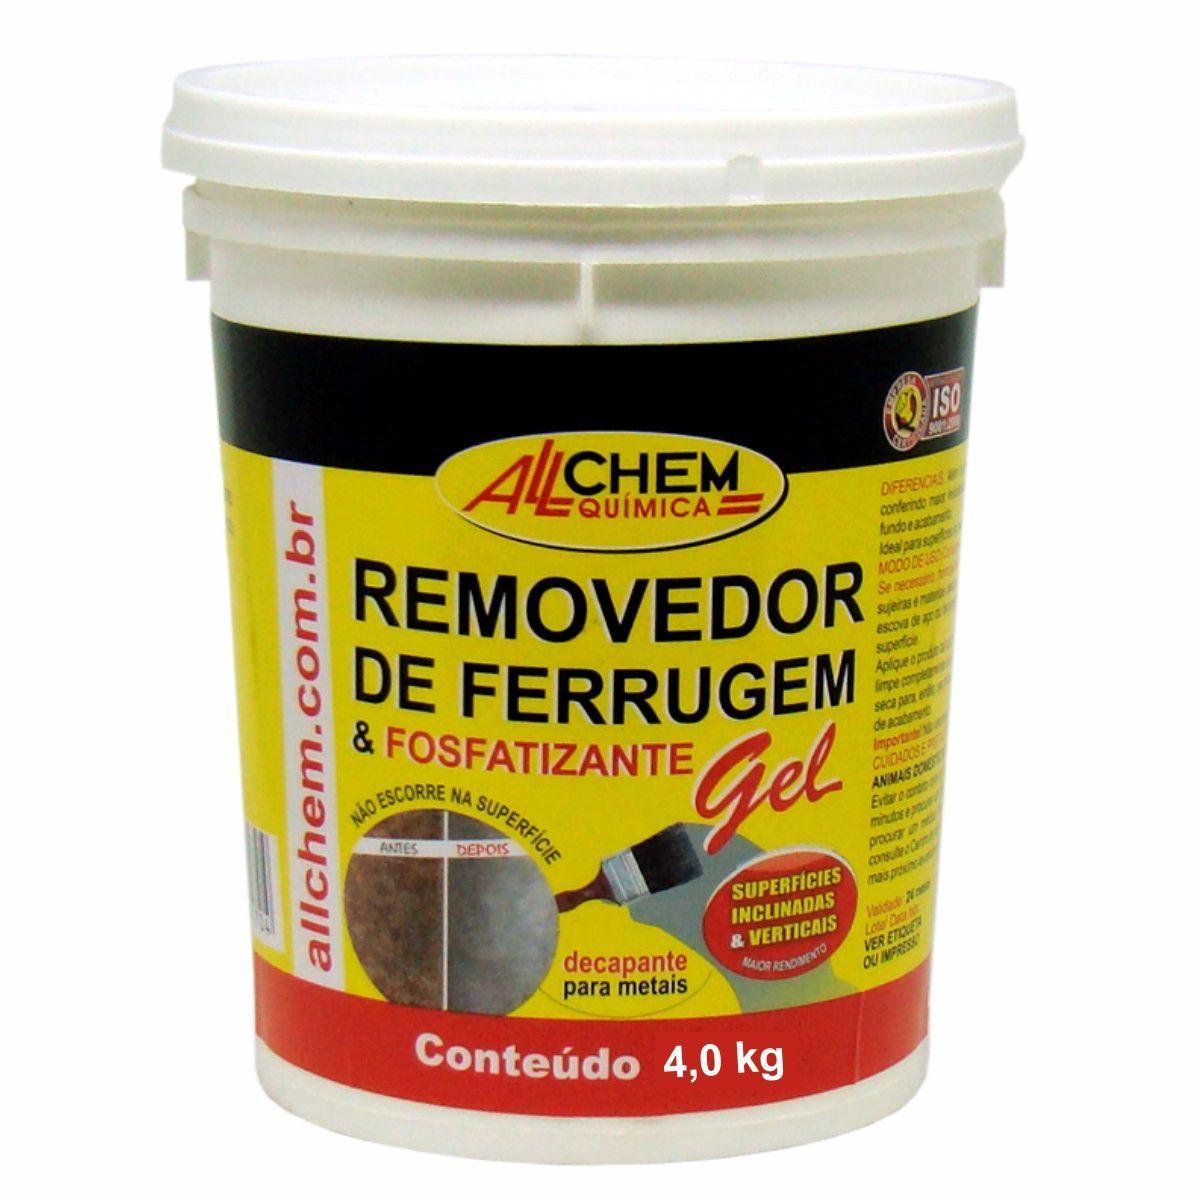 removedor-de-ferrugem-e-fosfatizante-gel-allchem